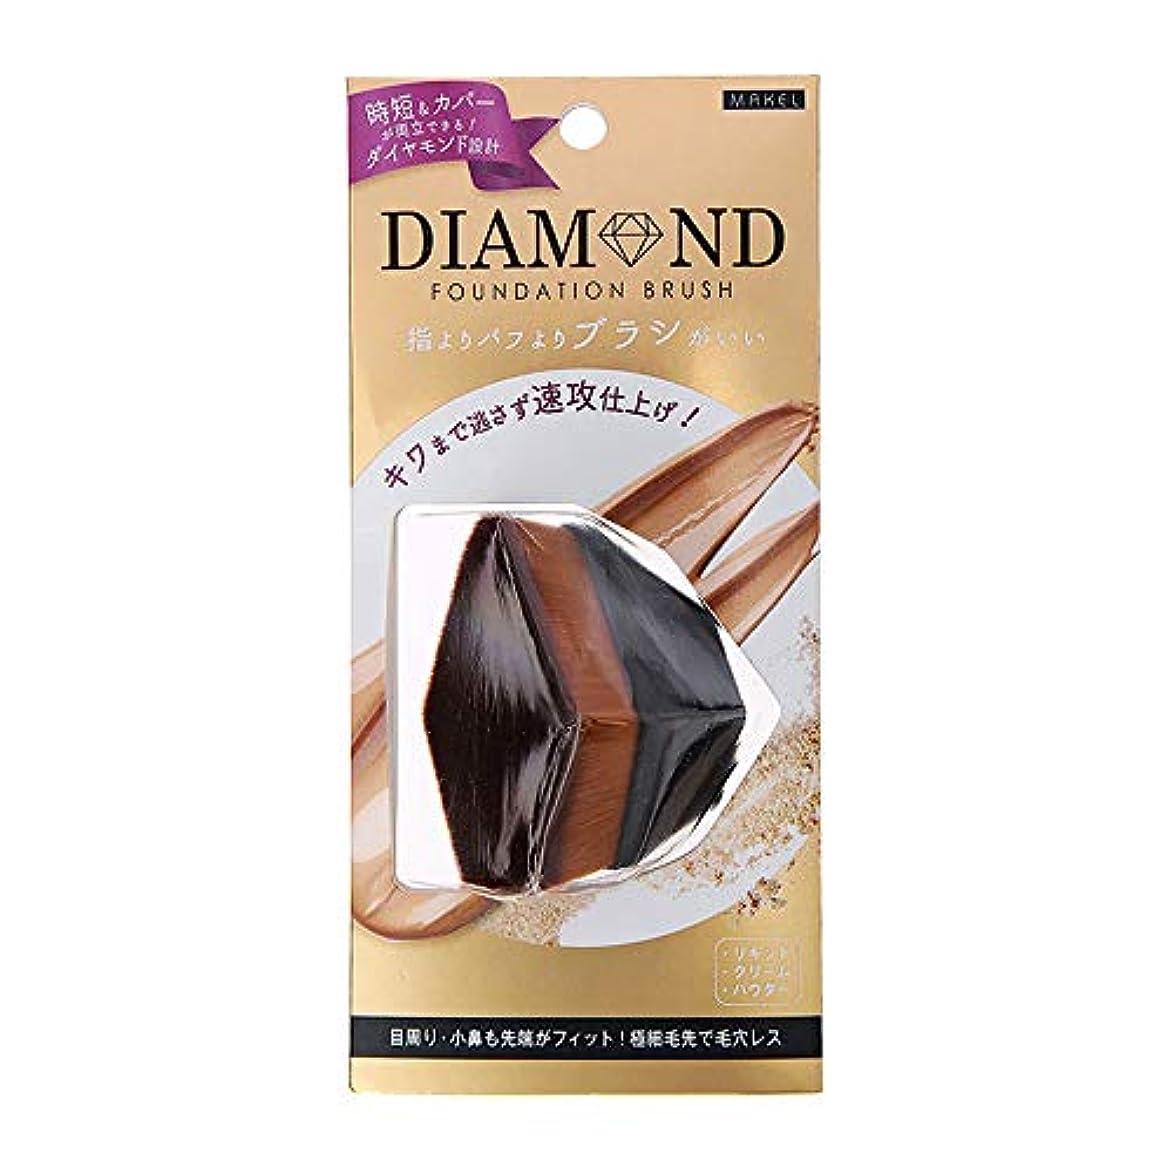 ファイルプランテーション引き潮ダイヤモンドファンデーションブラシ(ブラック) DIB1500